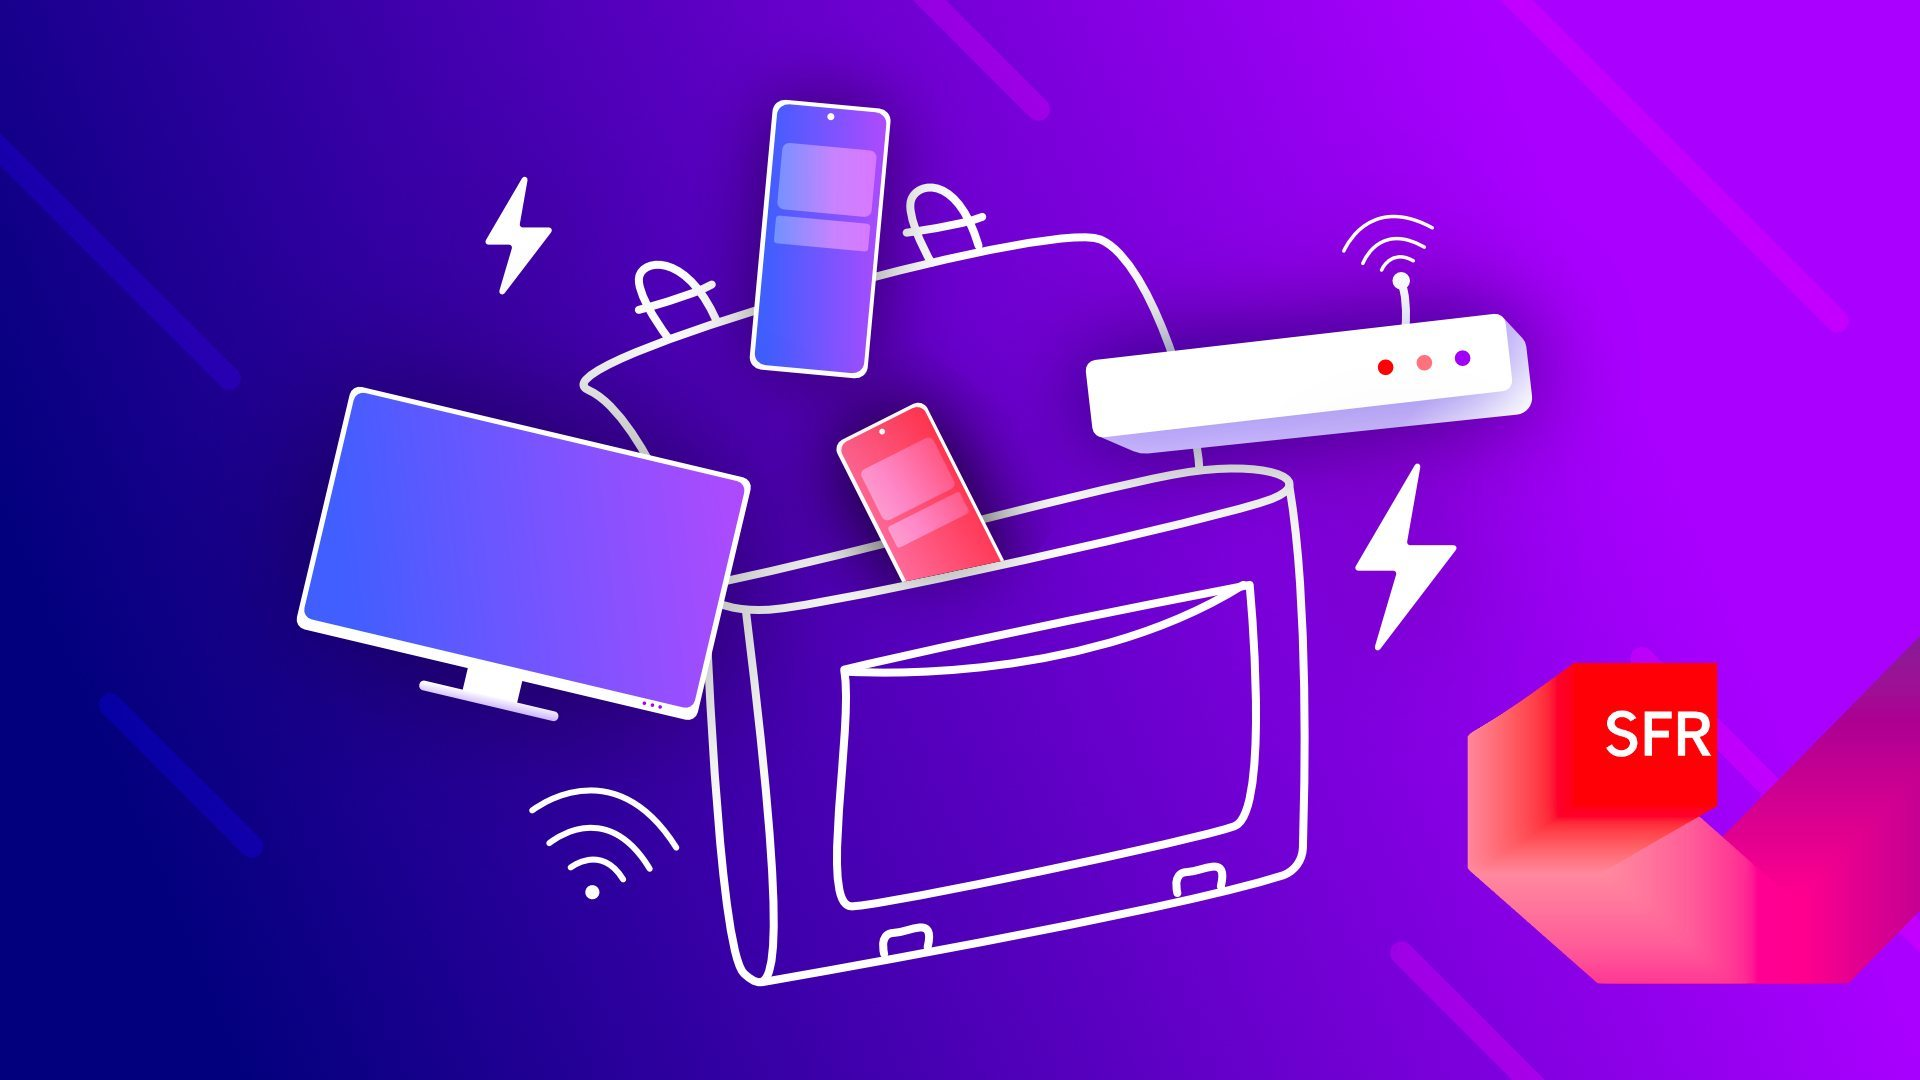 Forfait mobile, Internet, smartphones : c'est la rentrée des promotions chez SFR